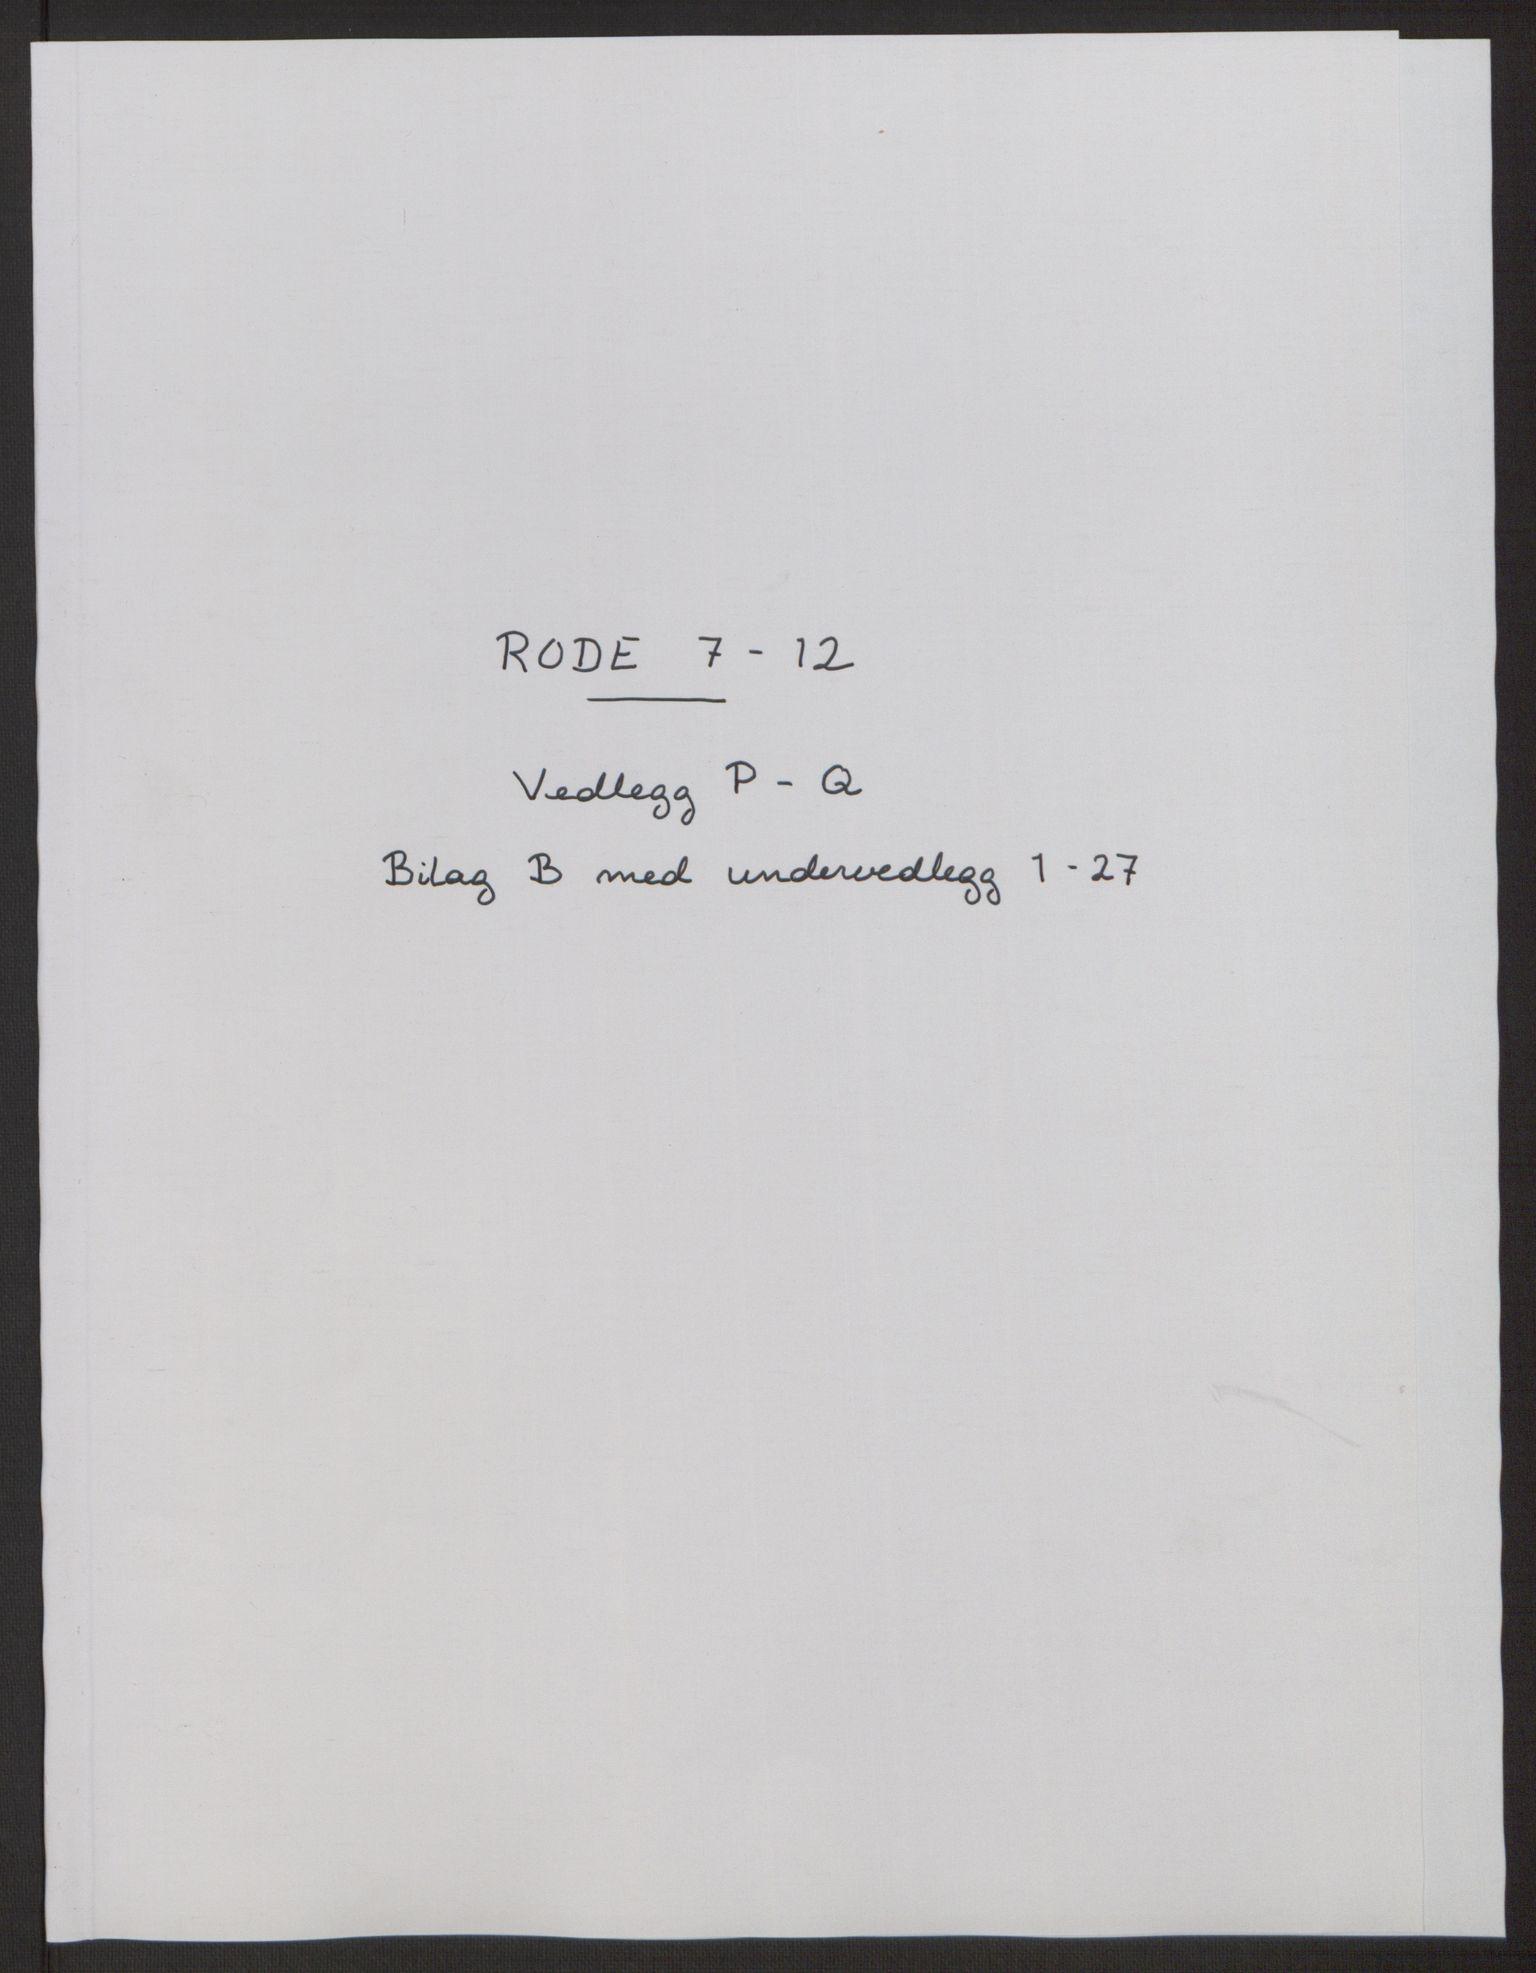 RA, Rentekammeret inntil 1814, Reviderte regnskaper, Byregnskaper, R/Rp/L0366: [P20] Kontribusjonsregnskap, 1763, s. 268